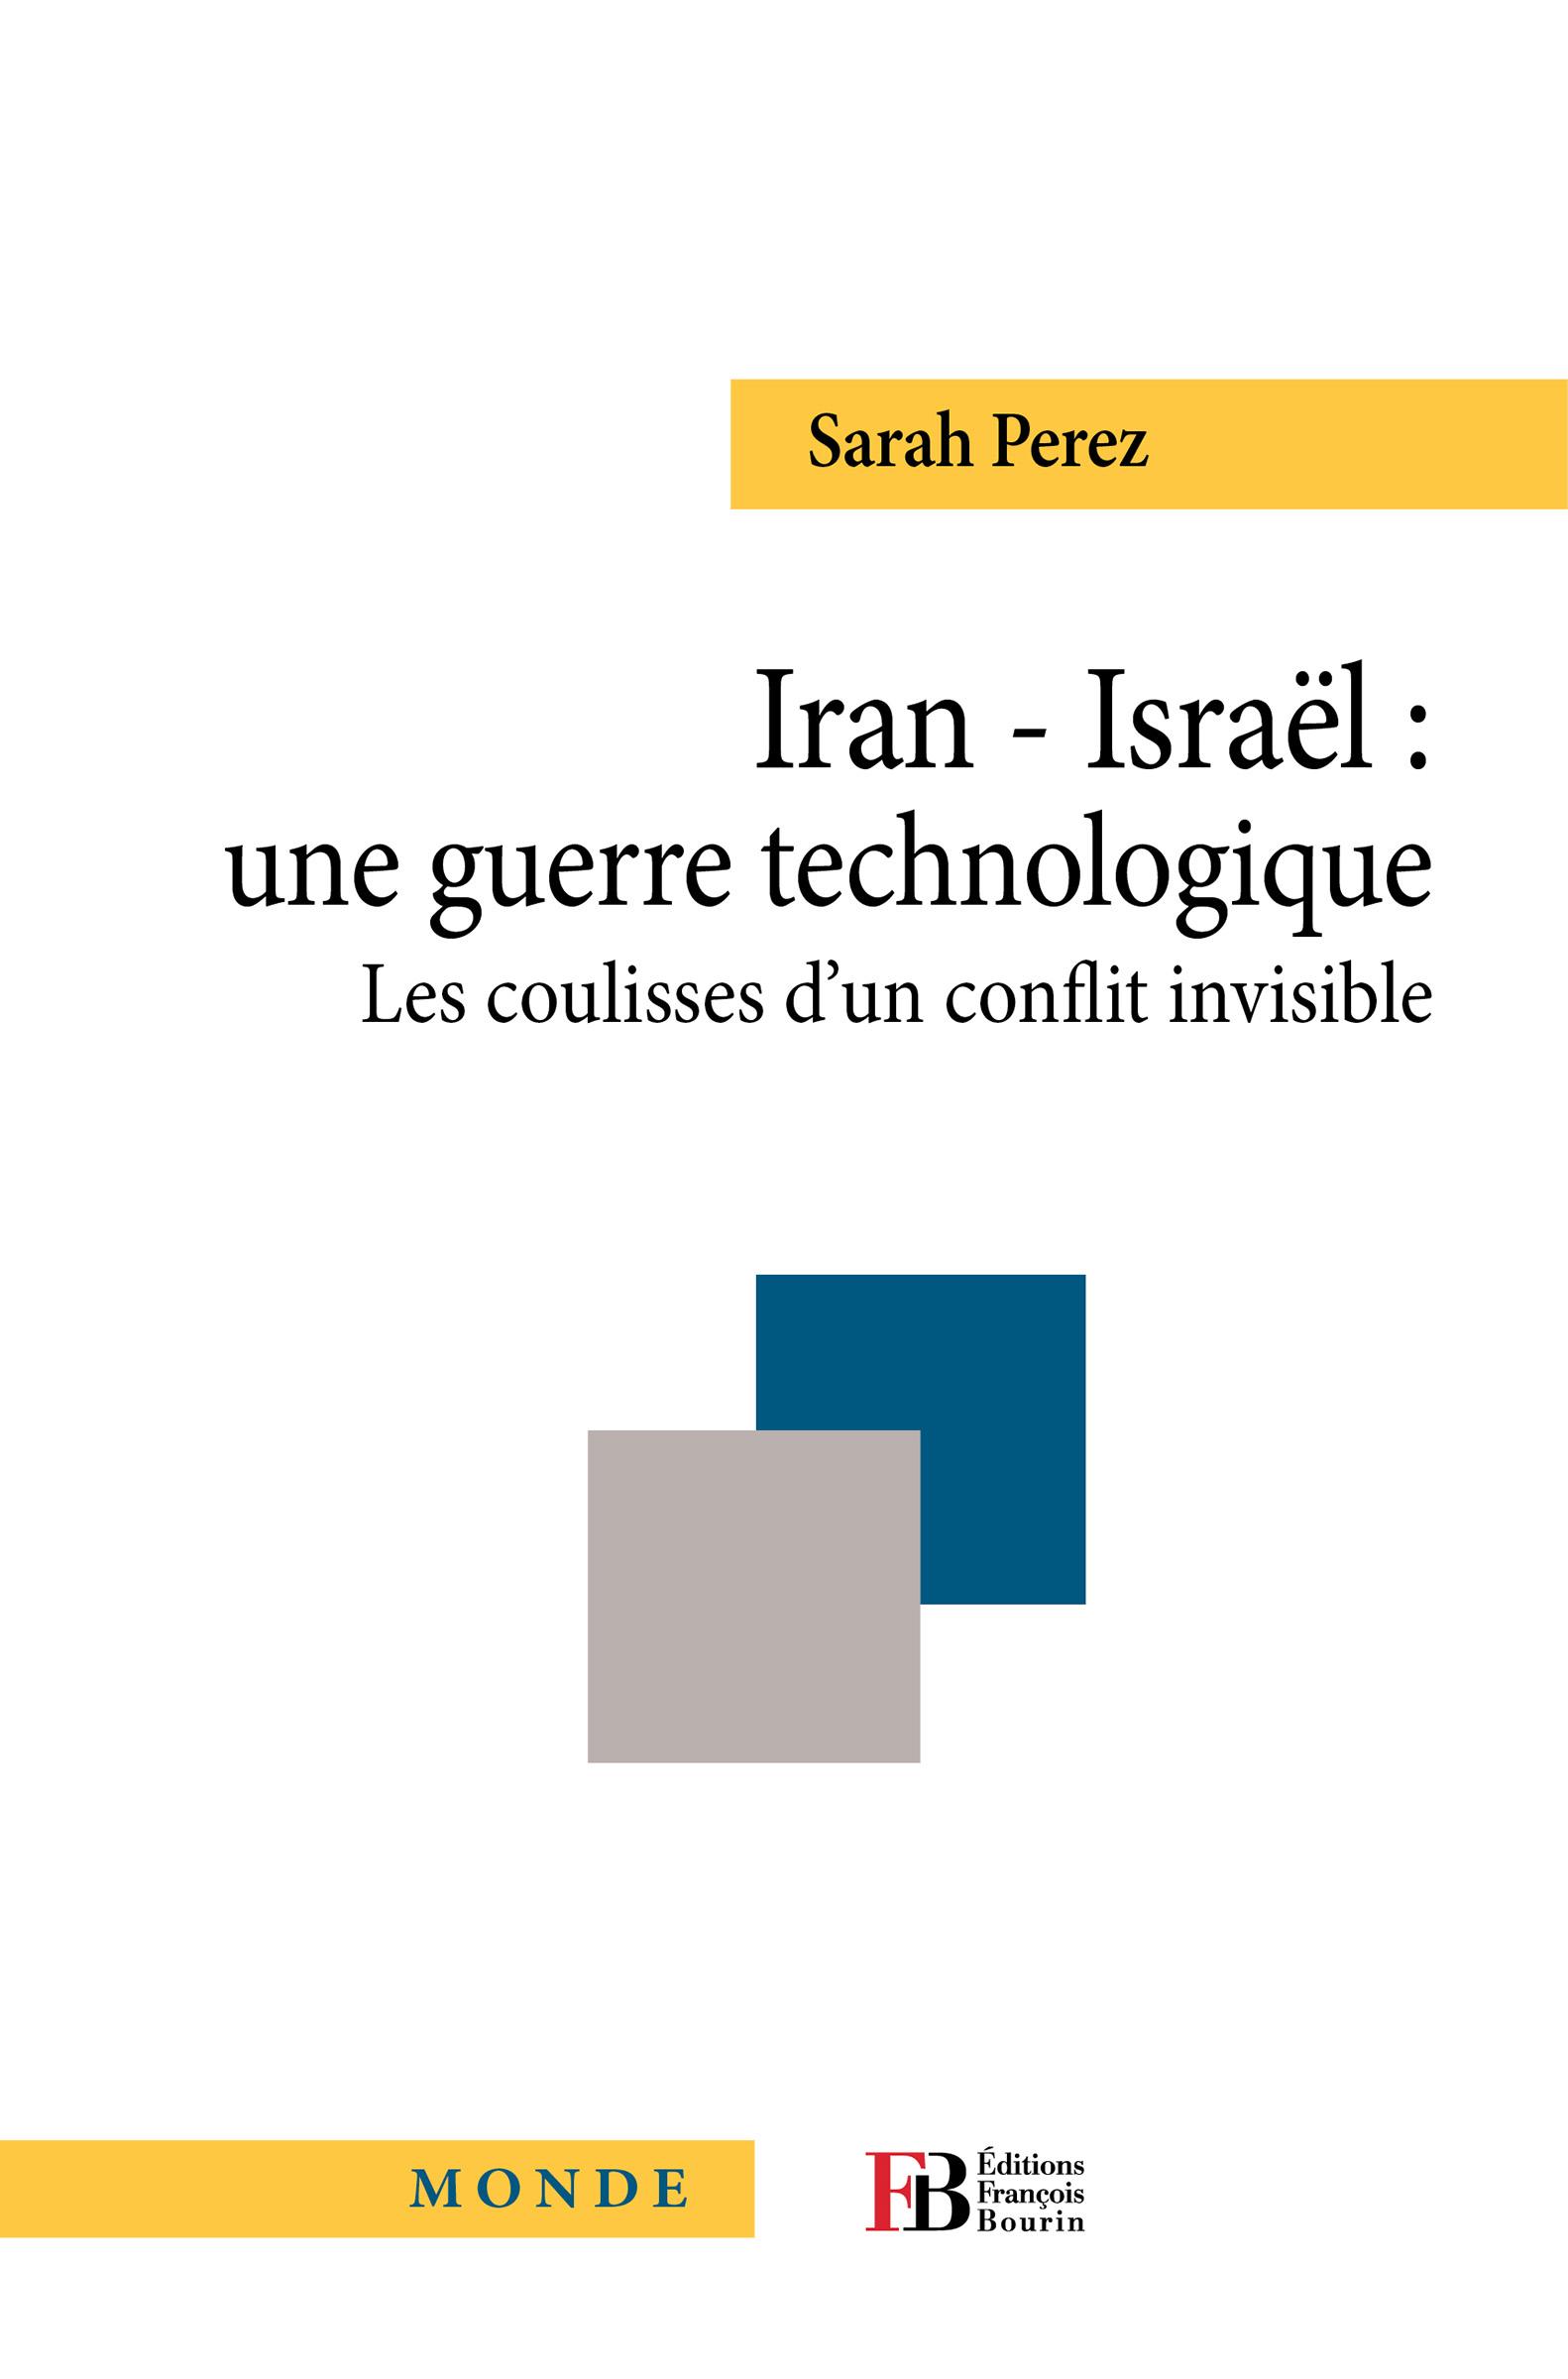 Iran-Isra?l: une guerre technologique, Les coulisses d'un conflit invisible